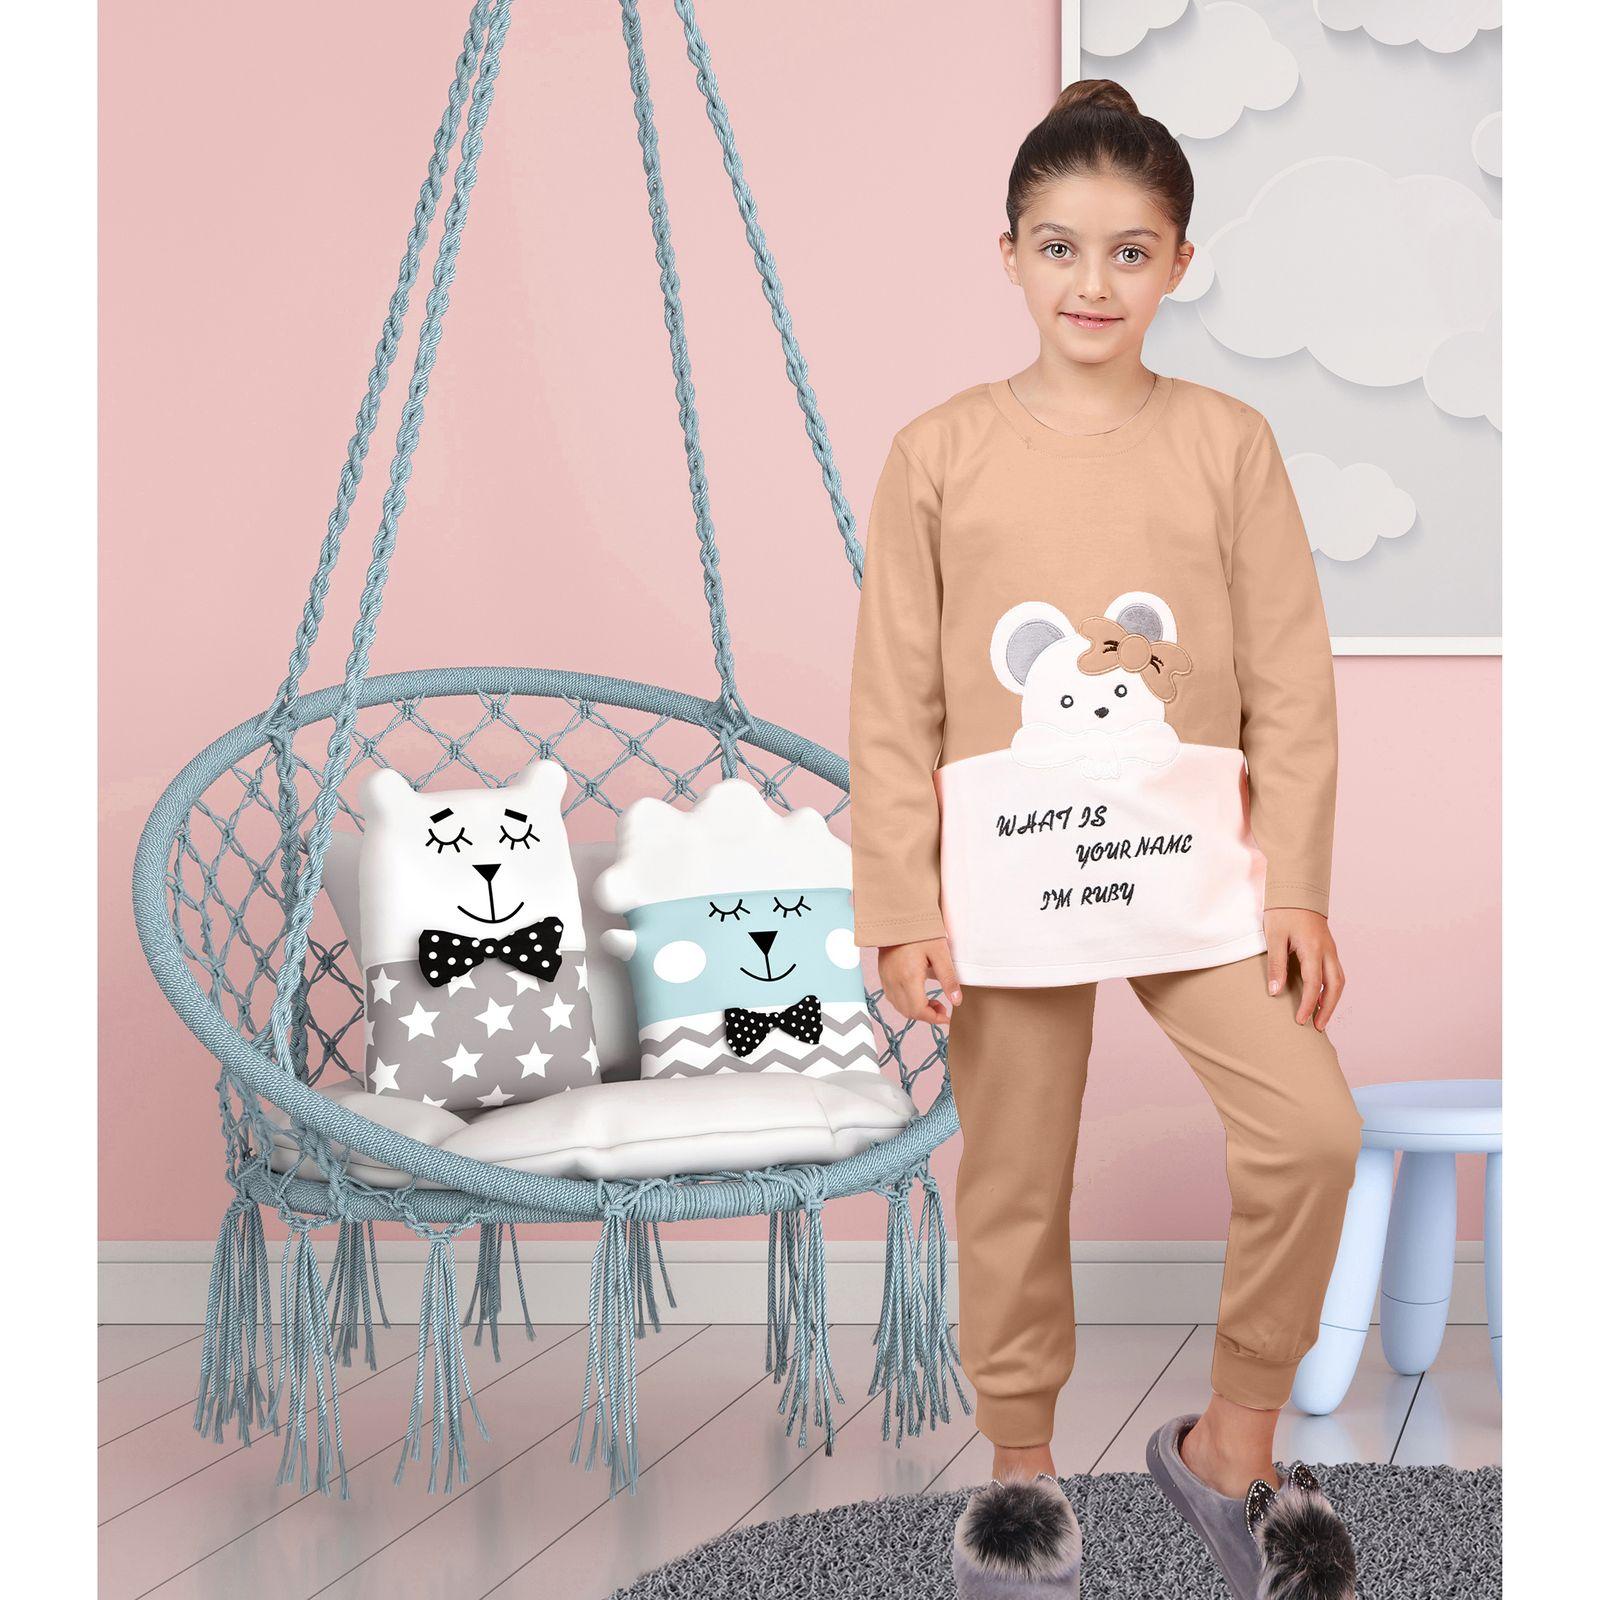 ست تی شرت و شلوار دخترانه مادر مدل 301-80 main 1 7